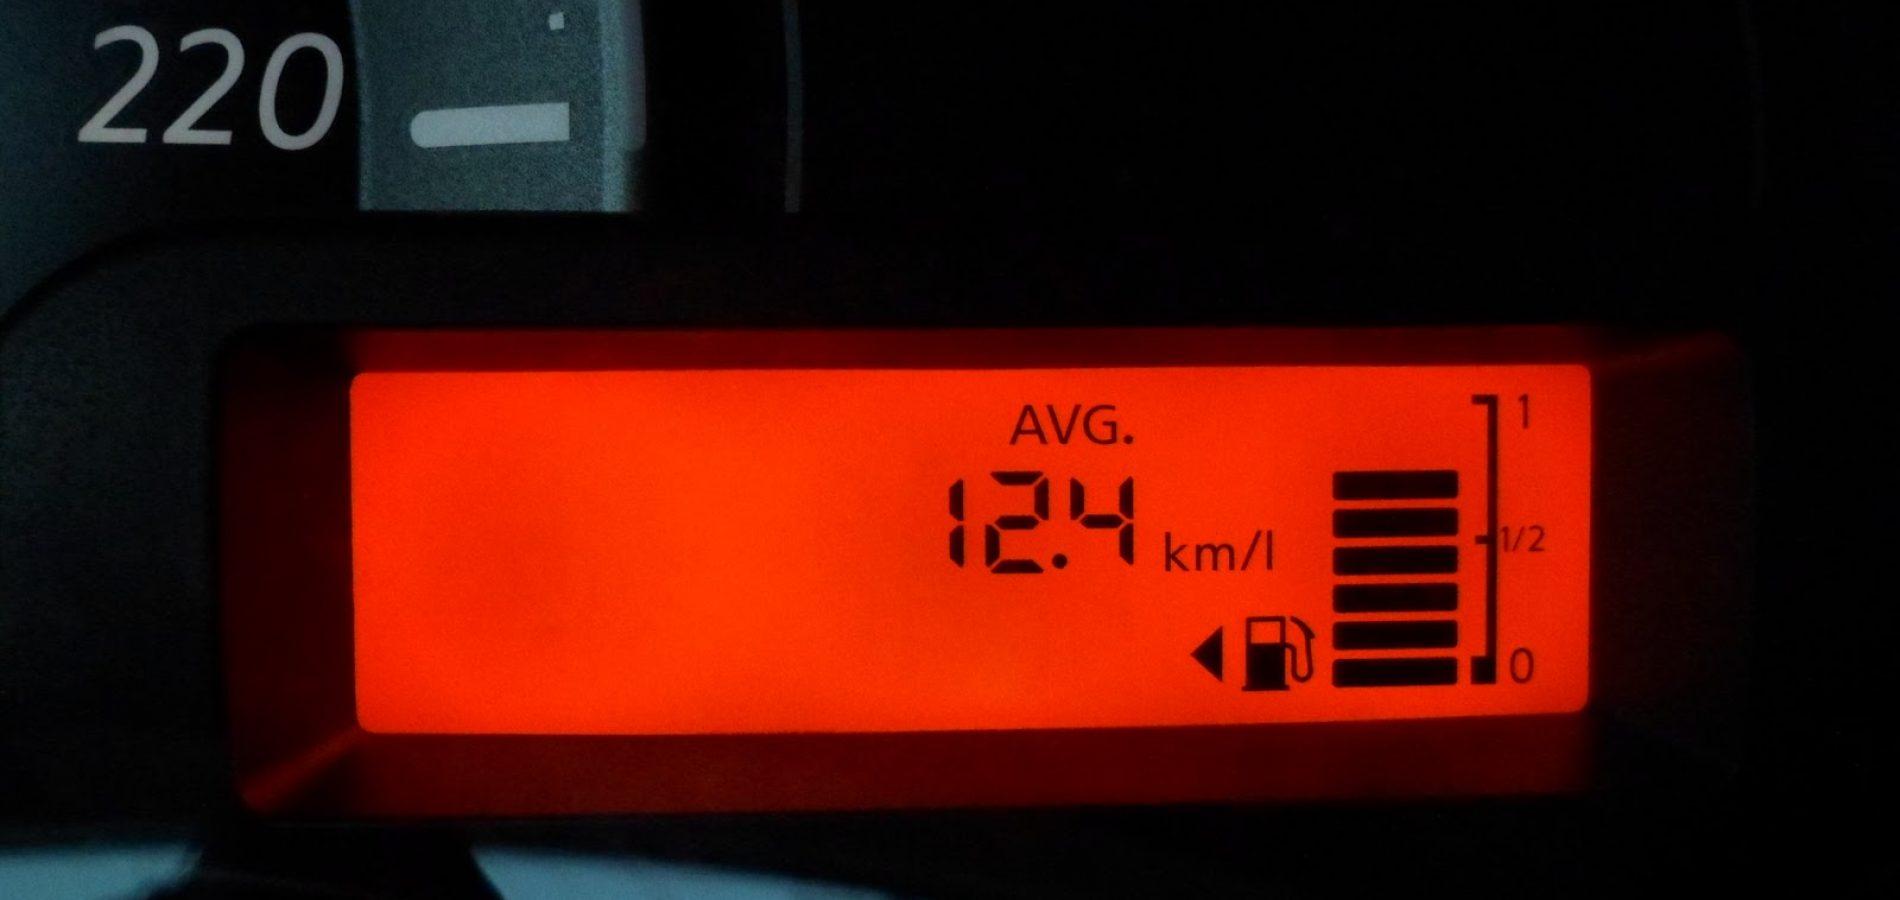 5 dicas simples para economizar gasolina e aumentar a saúde do carro